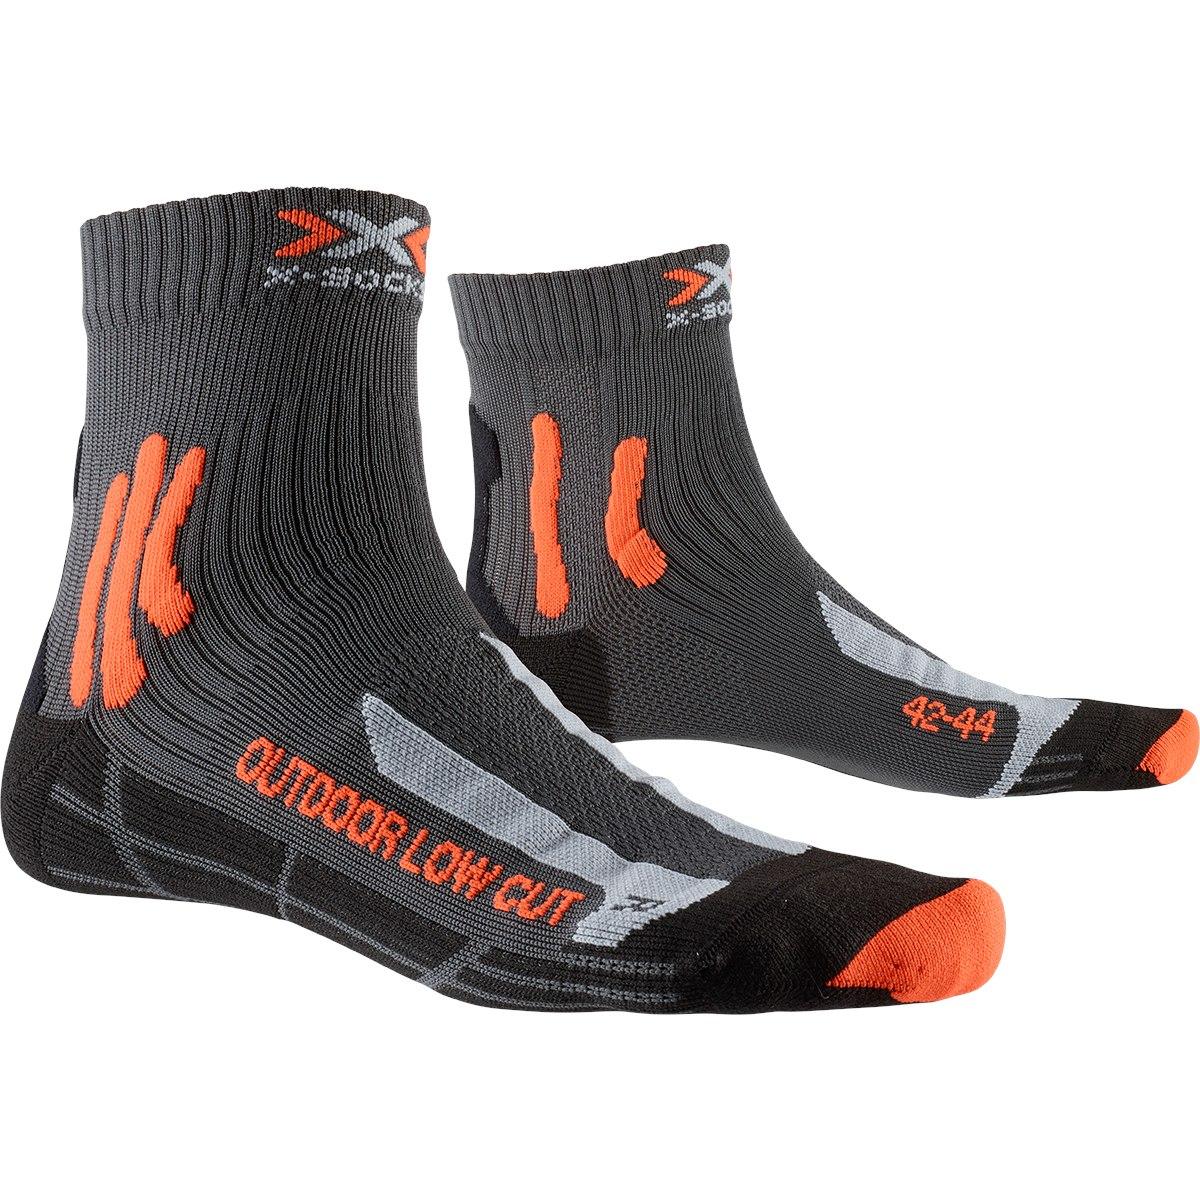 X-Socks Trek Outdoor Low Cut Socken - anthracite/orange